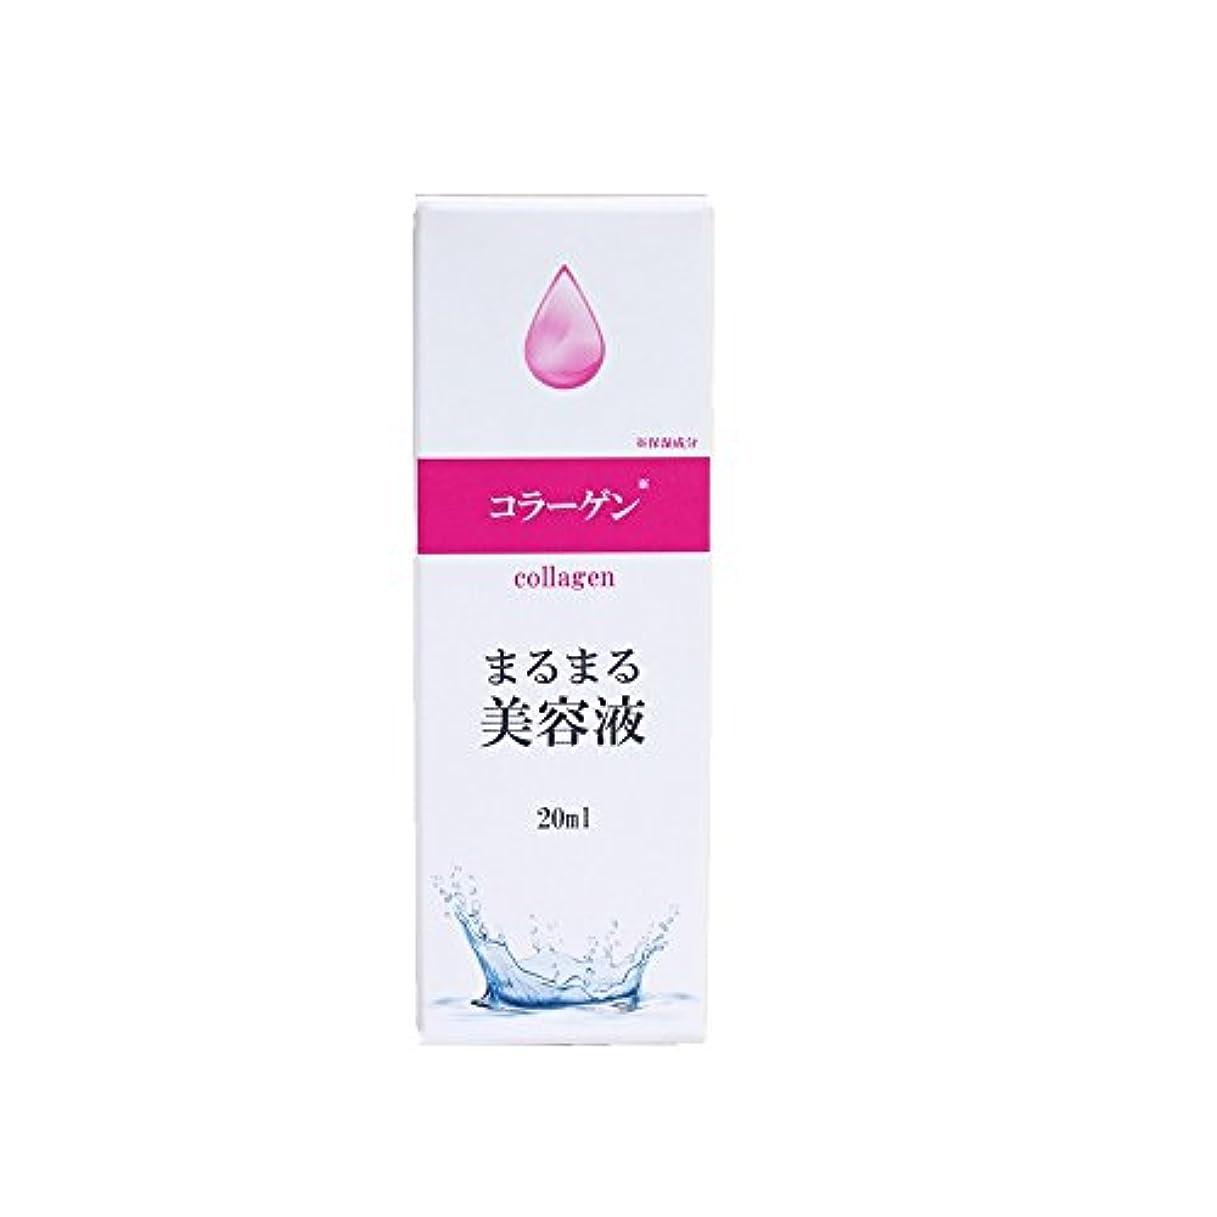 原因要件ライターまるまる美容液 コラーゲン 【20ml×60本のケース販売】